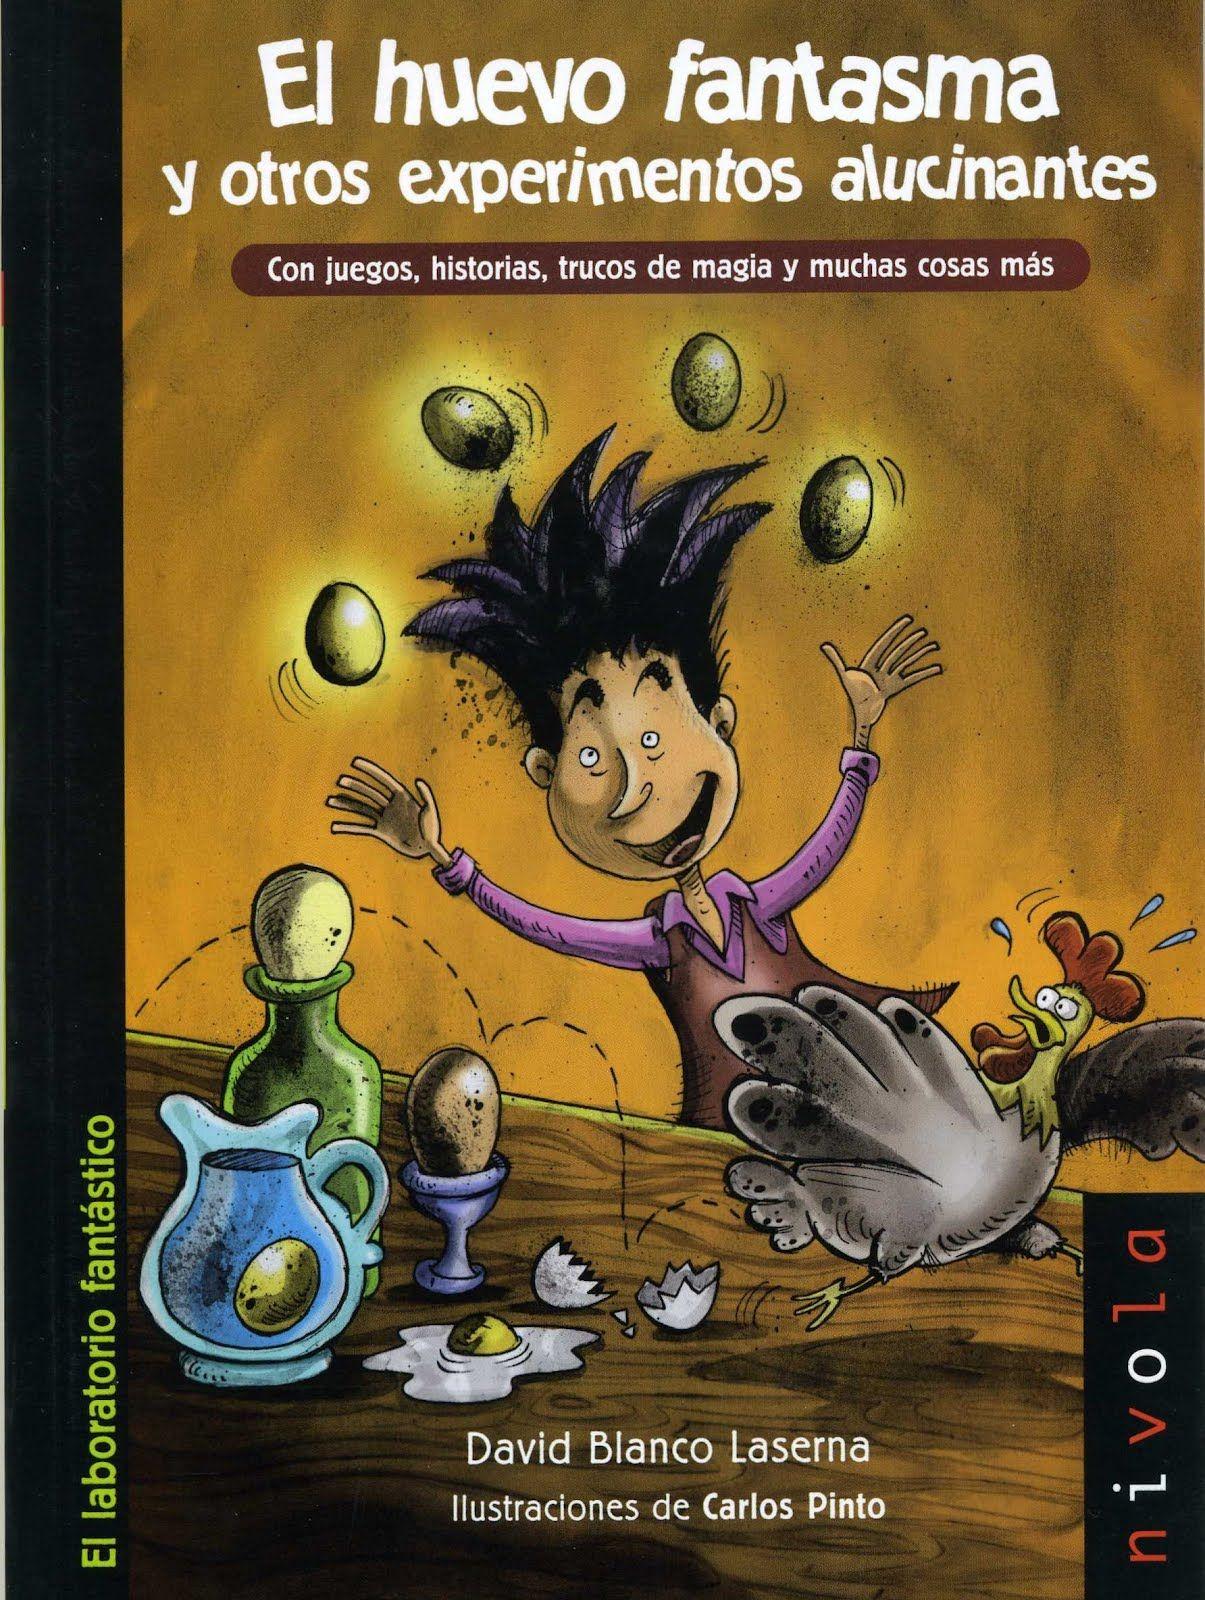 """David Blanco Laserna / Carlos Pinto. """"El huevo fantasma y otros experimentos alucinantes"""". Editorial Nivola. (Verd)"""